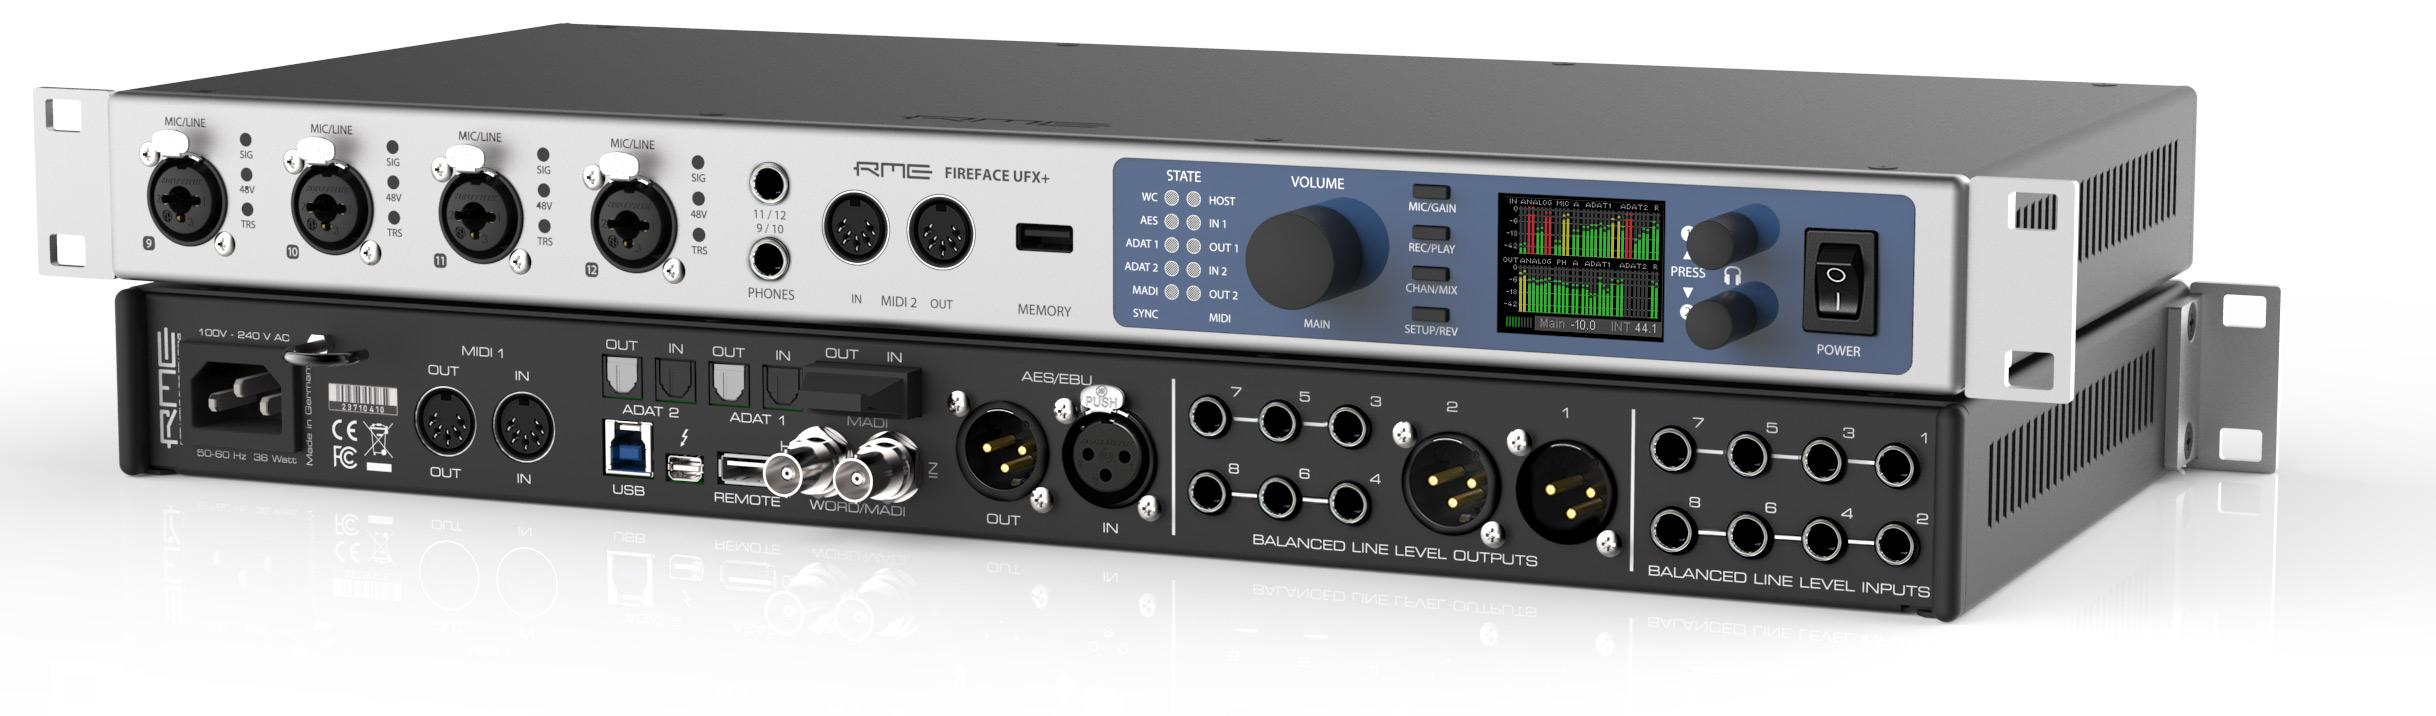 plus sound audio